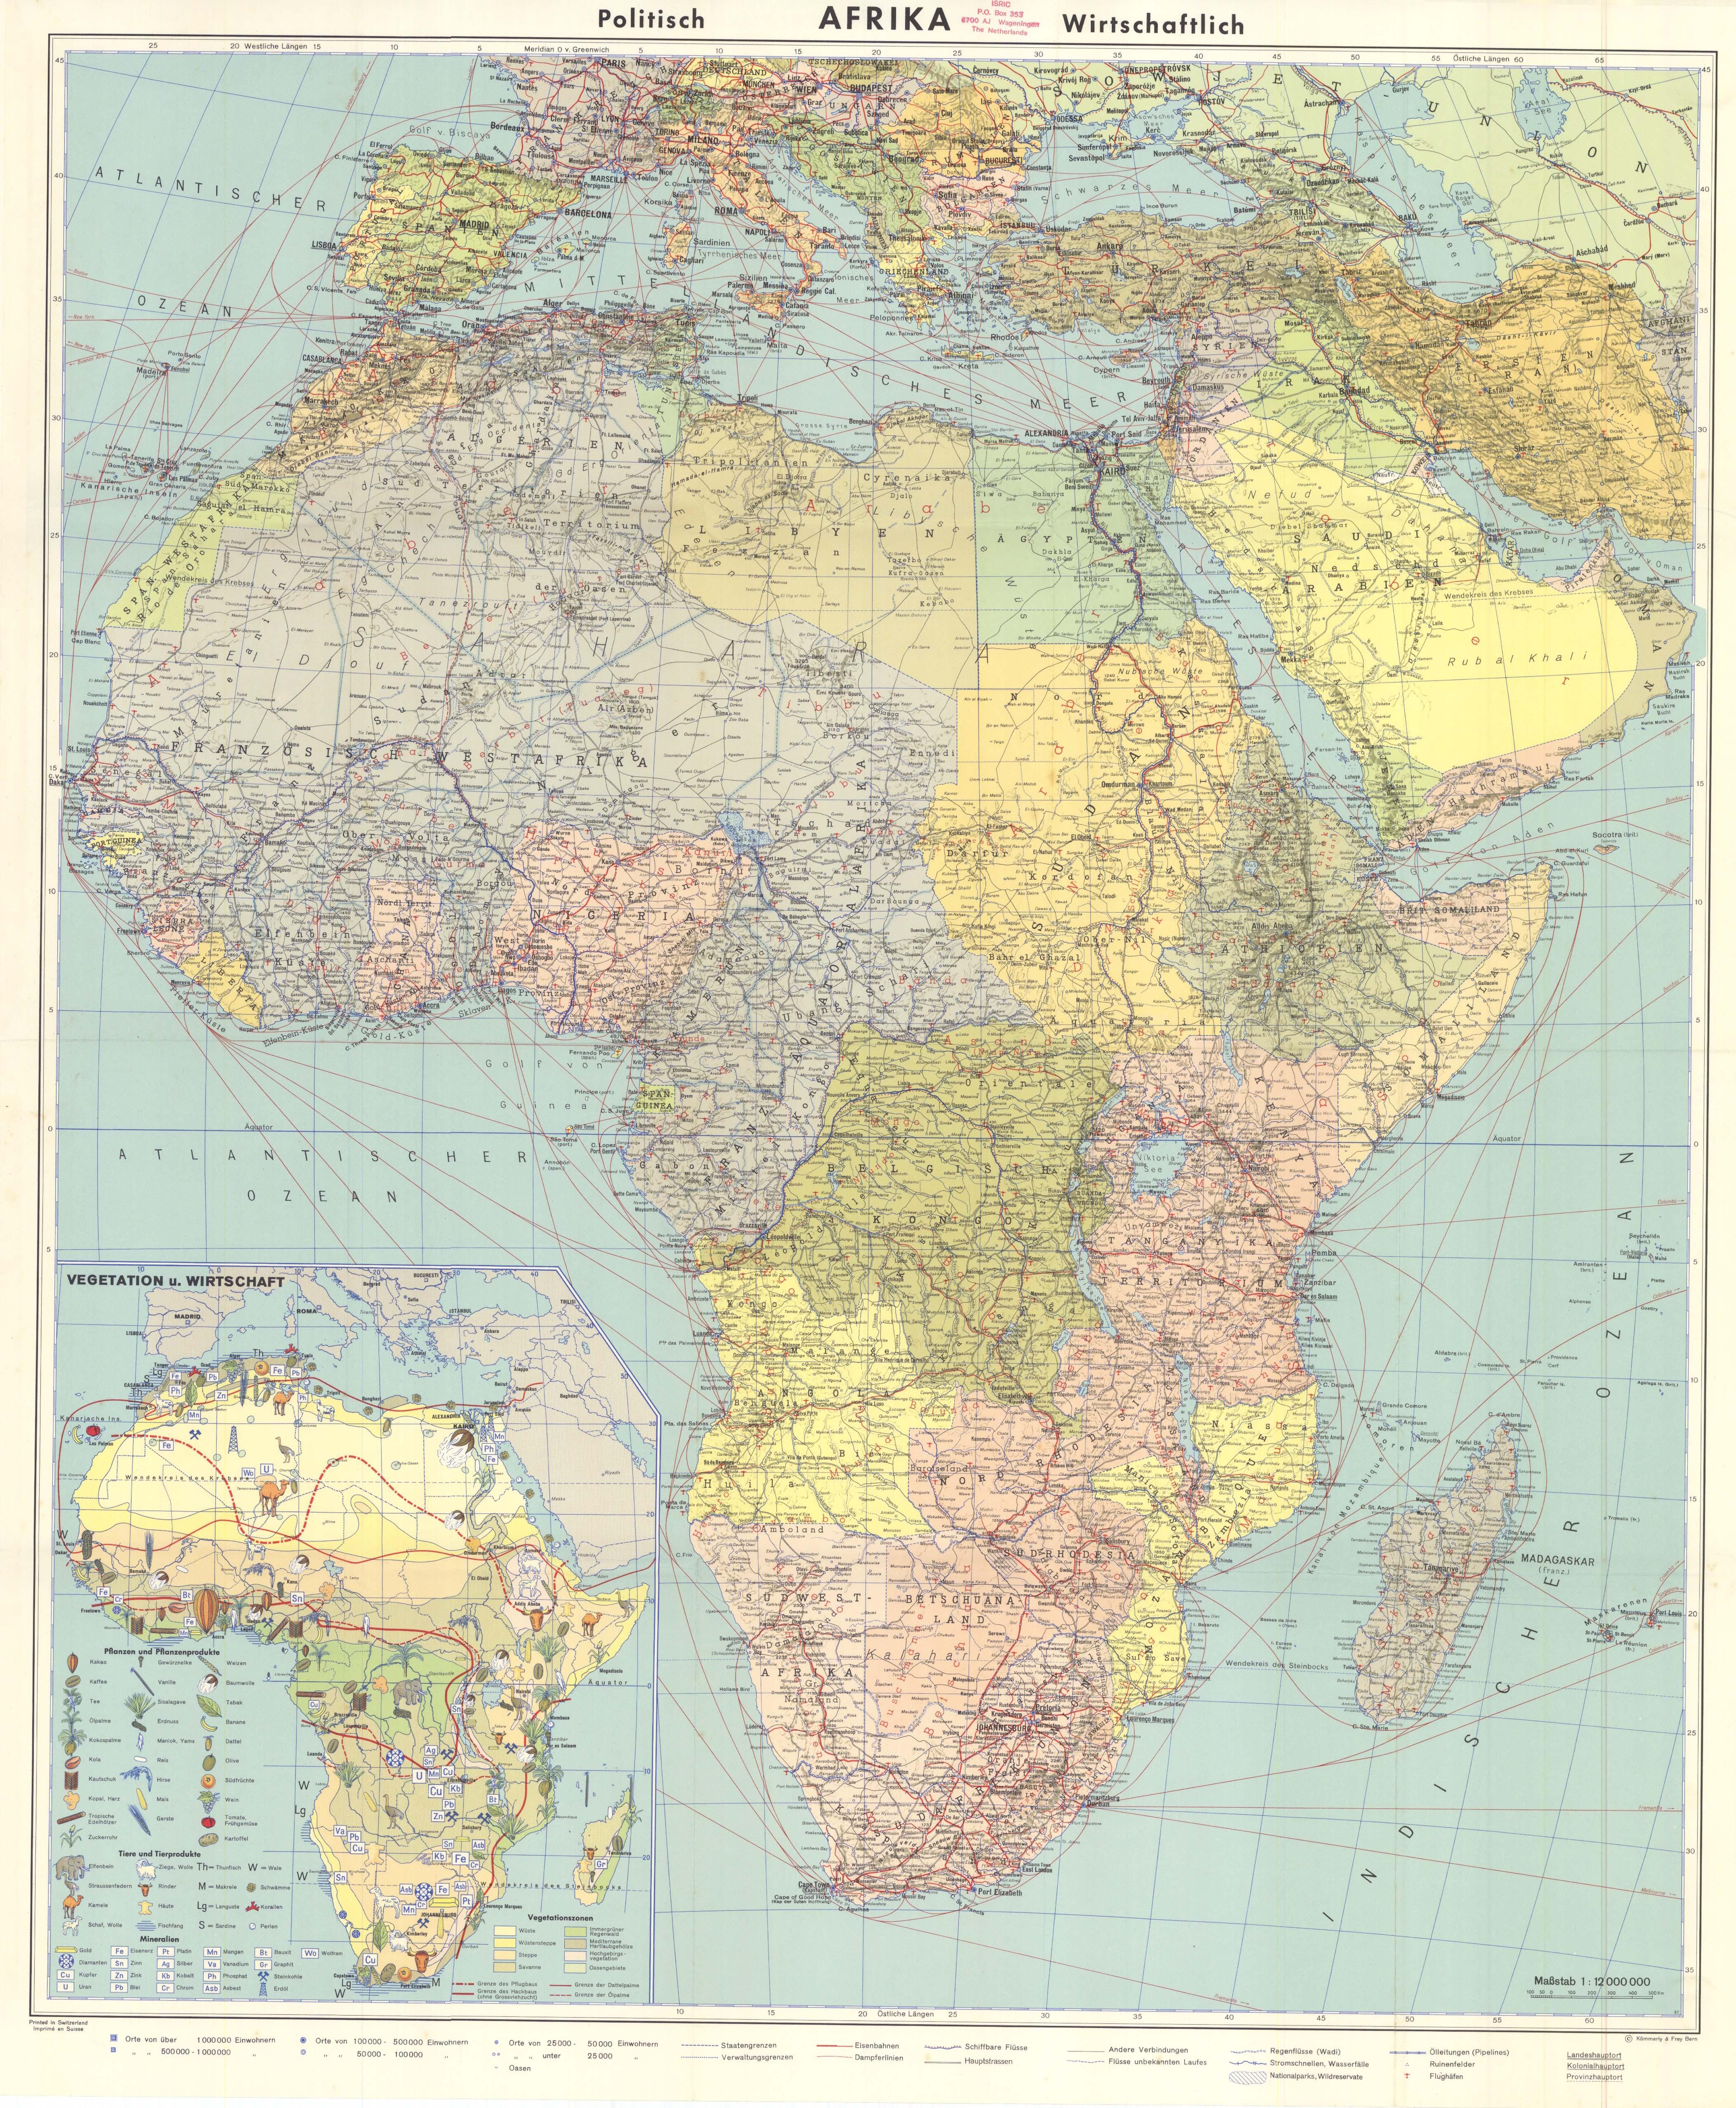 Mapa político y económico de África